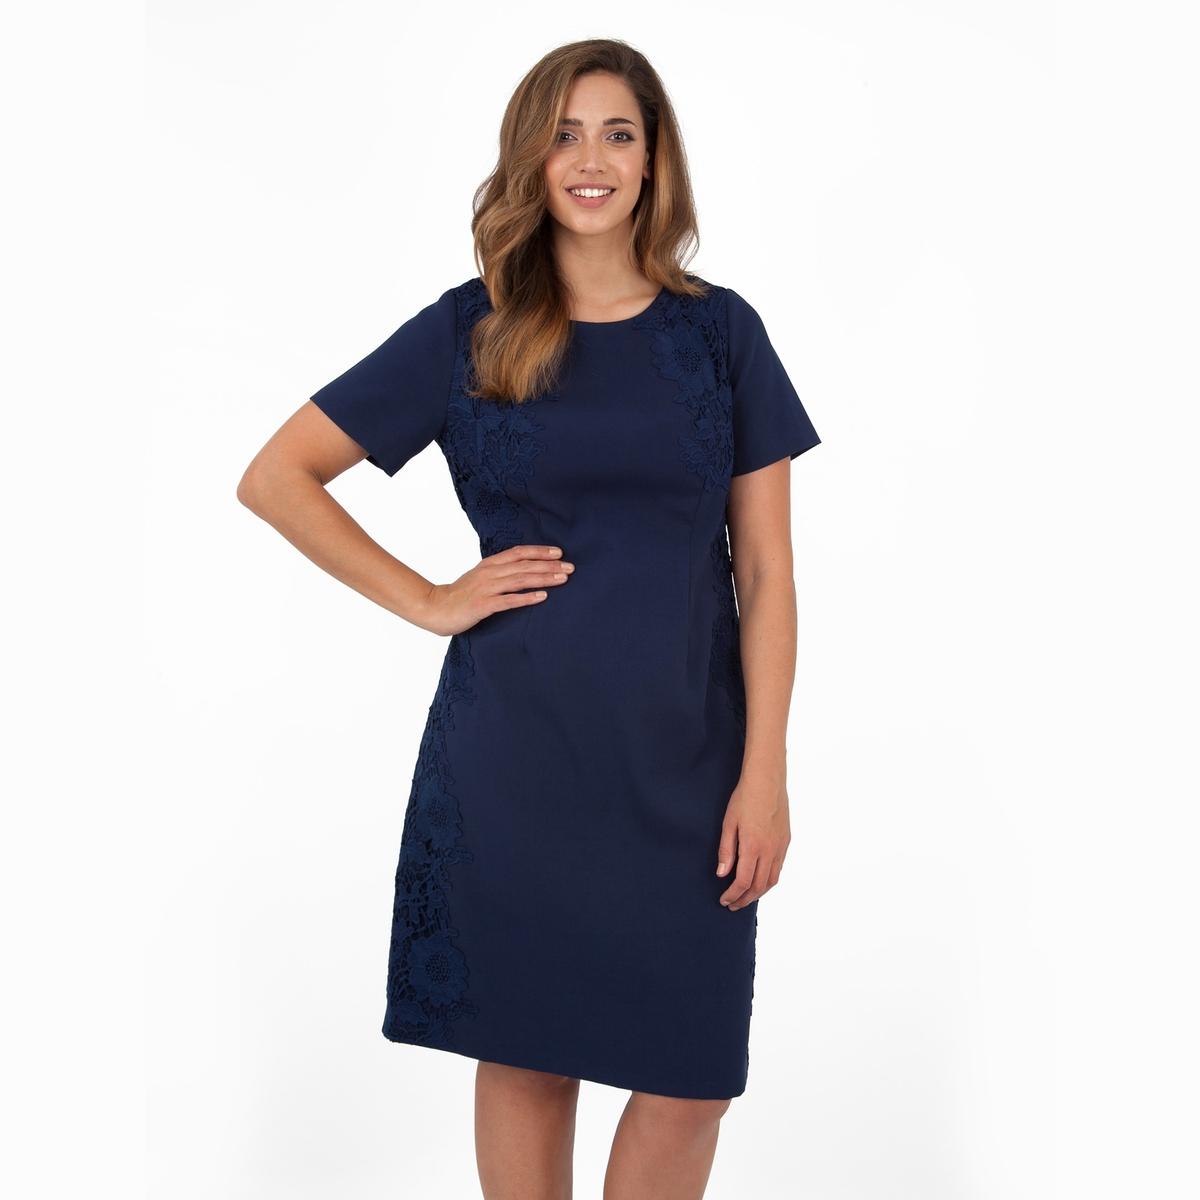 ПлатьеПлатье с короткими рукавами - KOKO BY KOKO. Кружевные вставки по бокам, застежка на молнию сзади. Длина ок.104 см. 100% полиэстера.<br><br>Цвет: синий морской<br>Размер: 54/56 (FR) - 60/62 (RUS)